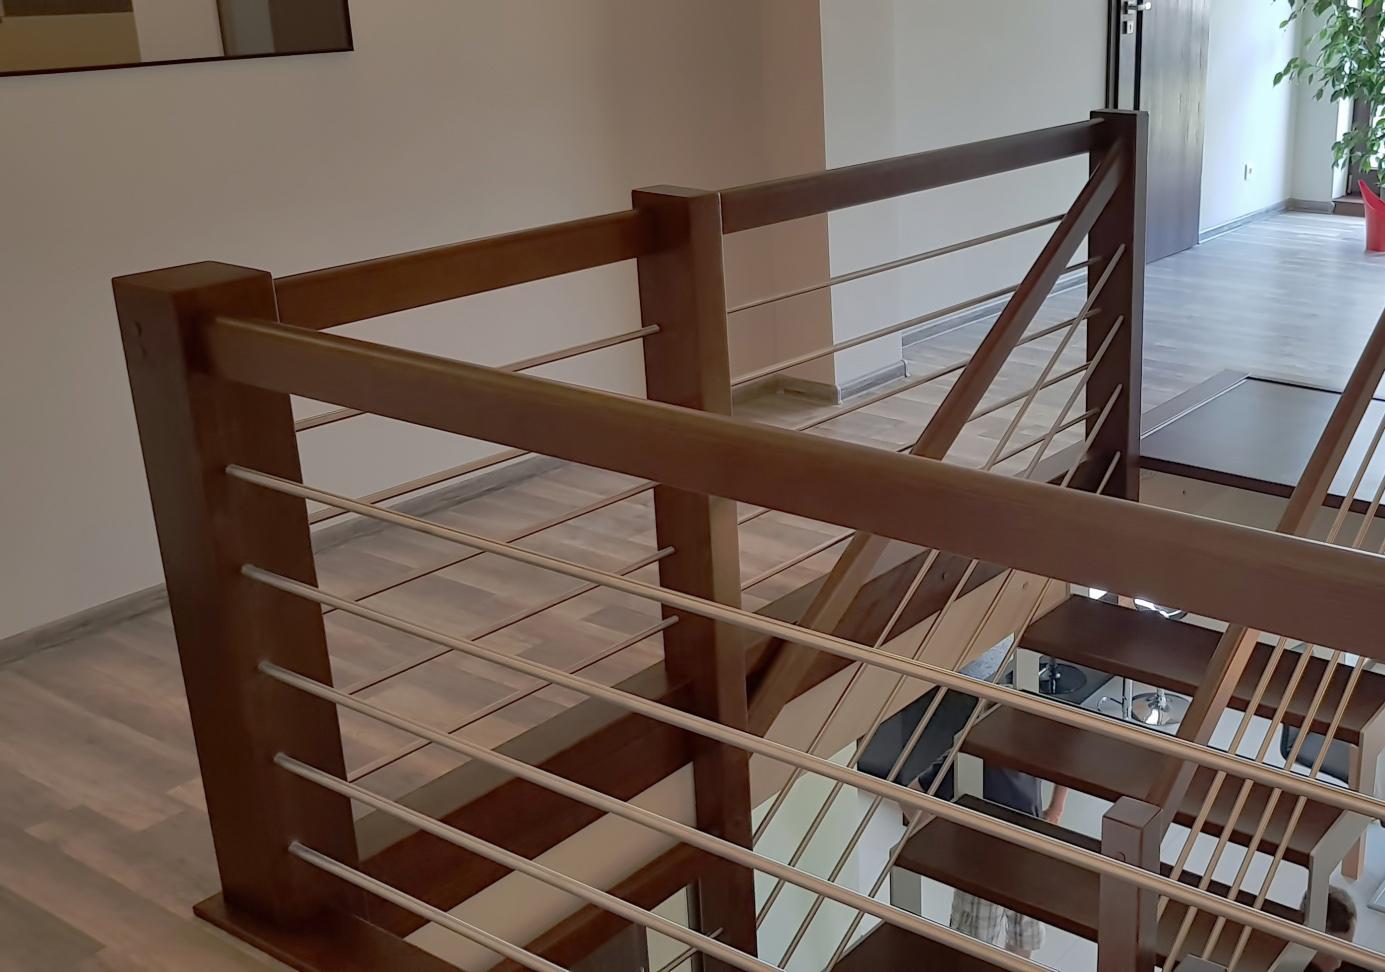 Schody na konstrukcji stalowej 2